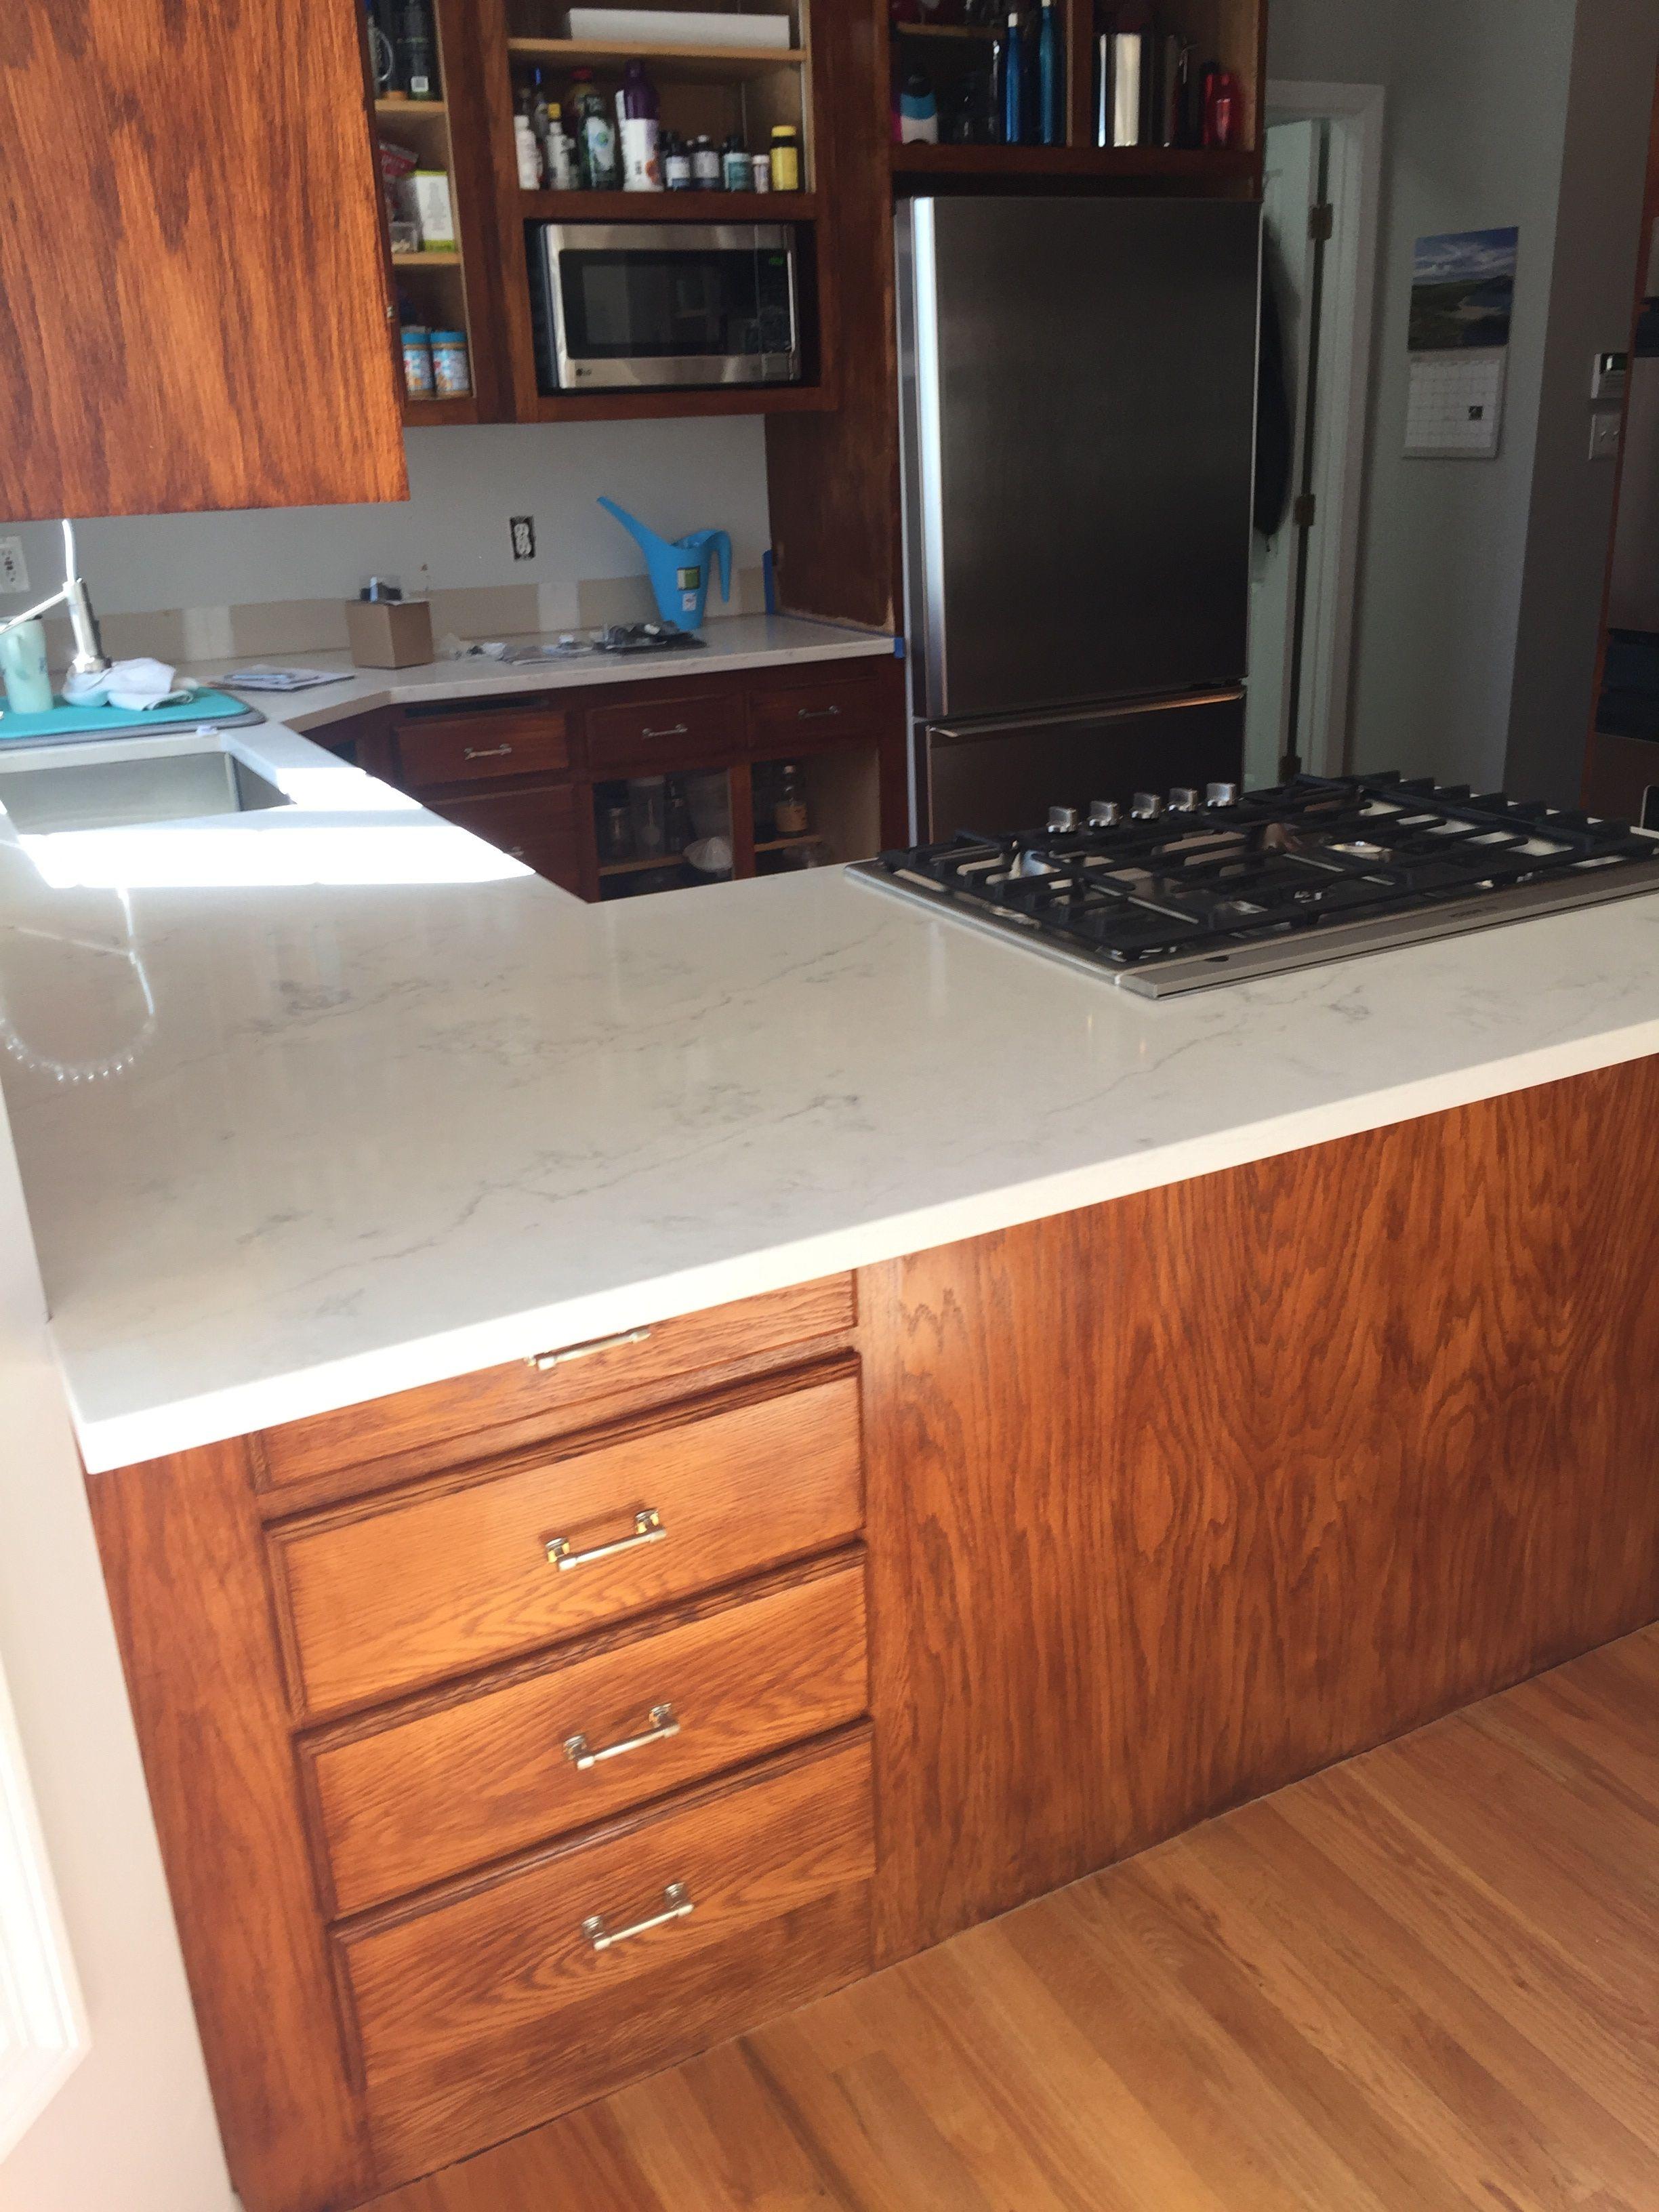 Organic White Quartz Master Nutmeg Gel Stain Cabinets Staining Cabinets Gel Staining Cabinets Kitchen